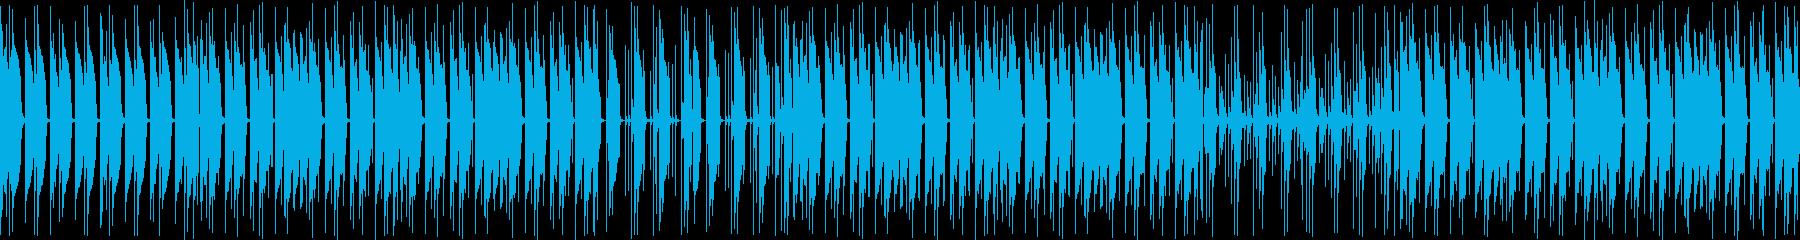 深海を連想させるスローなディープテクノの再生済みの波形